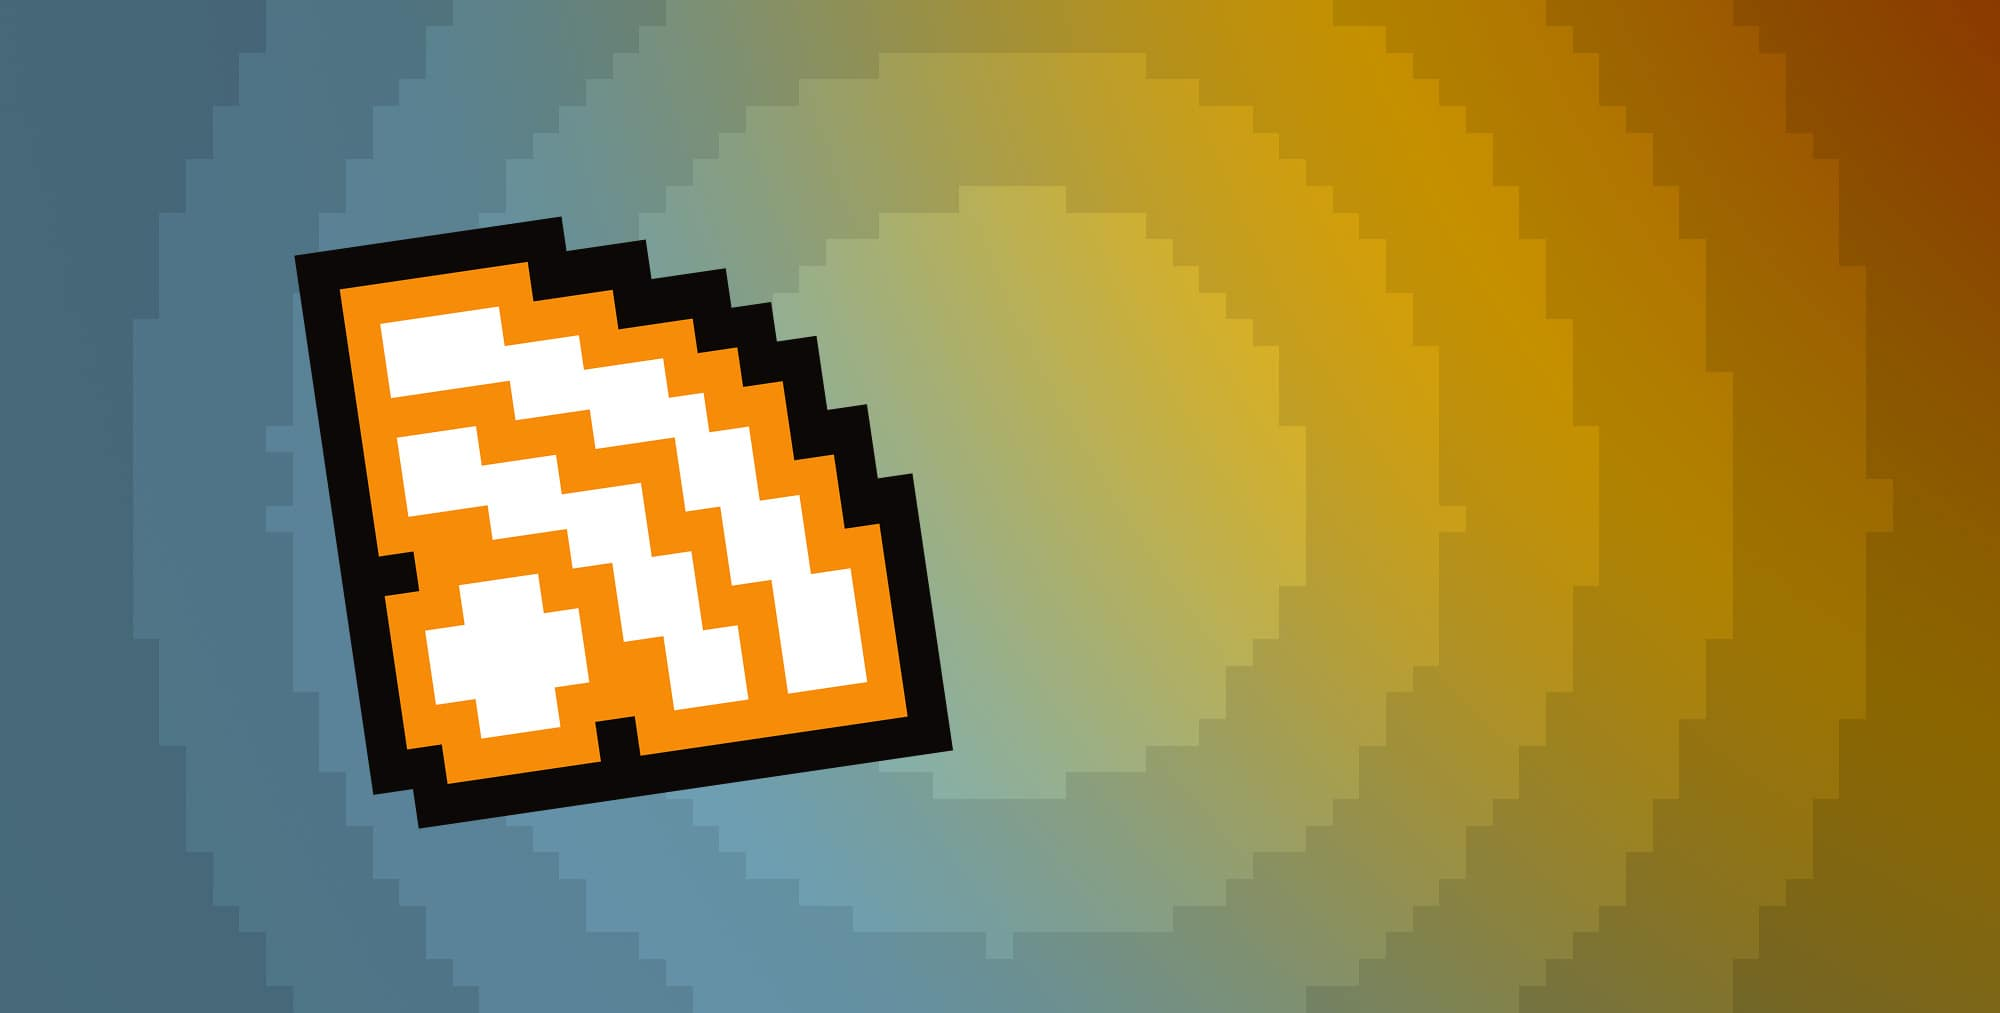 iOS Emulation, gamepads, Cydia, Xcode, builds io - A Tutorial for